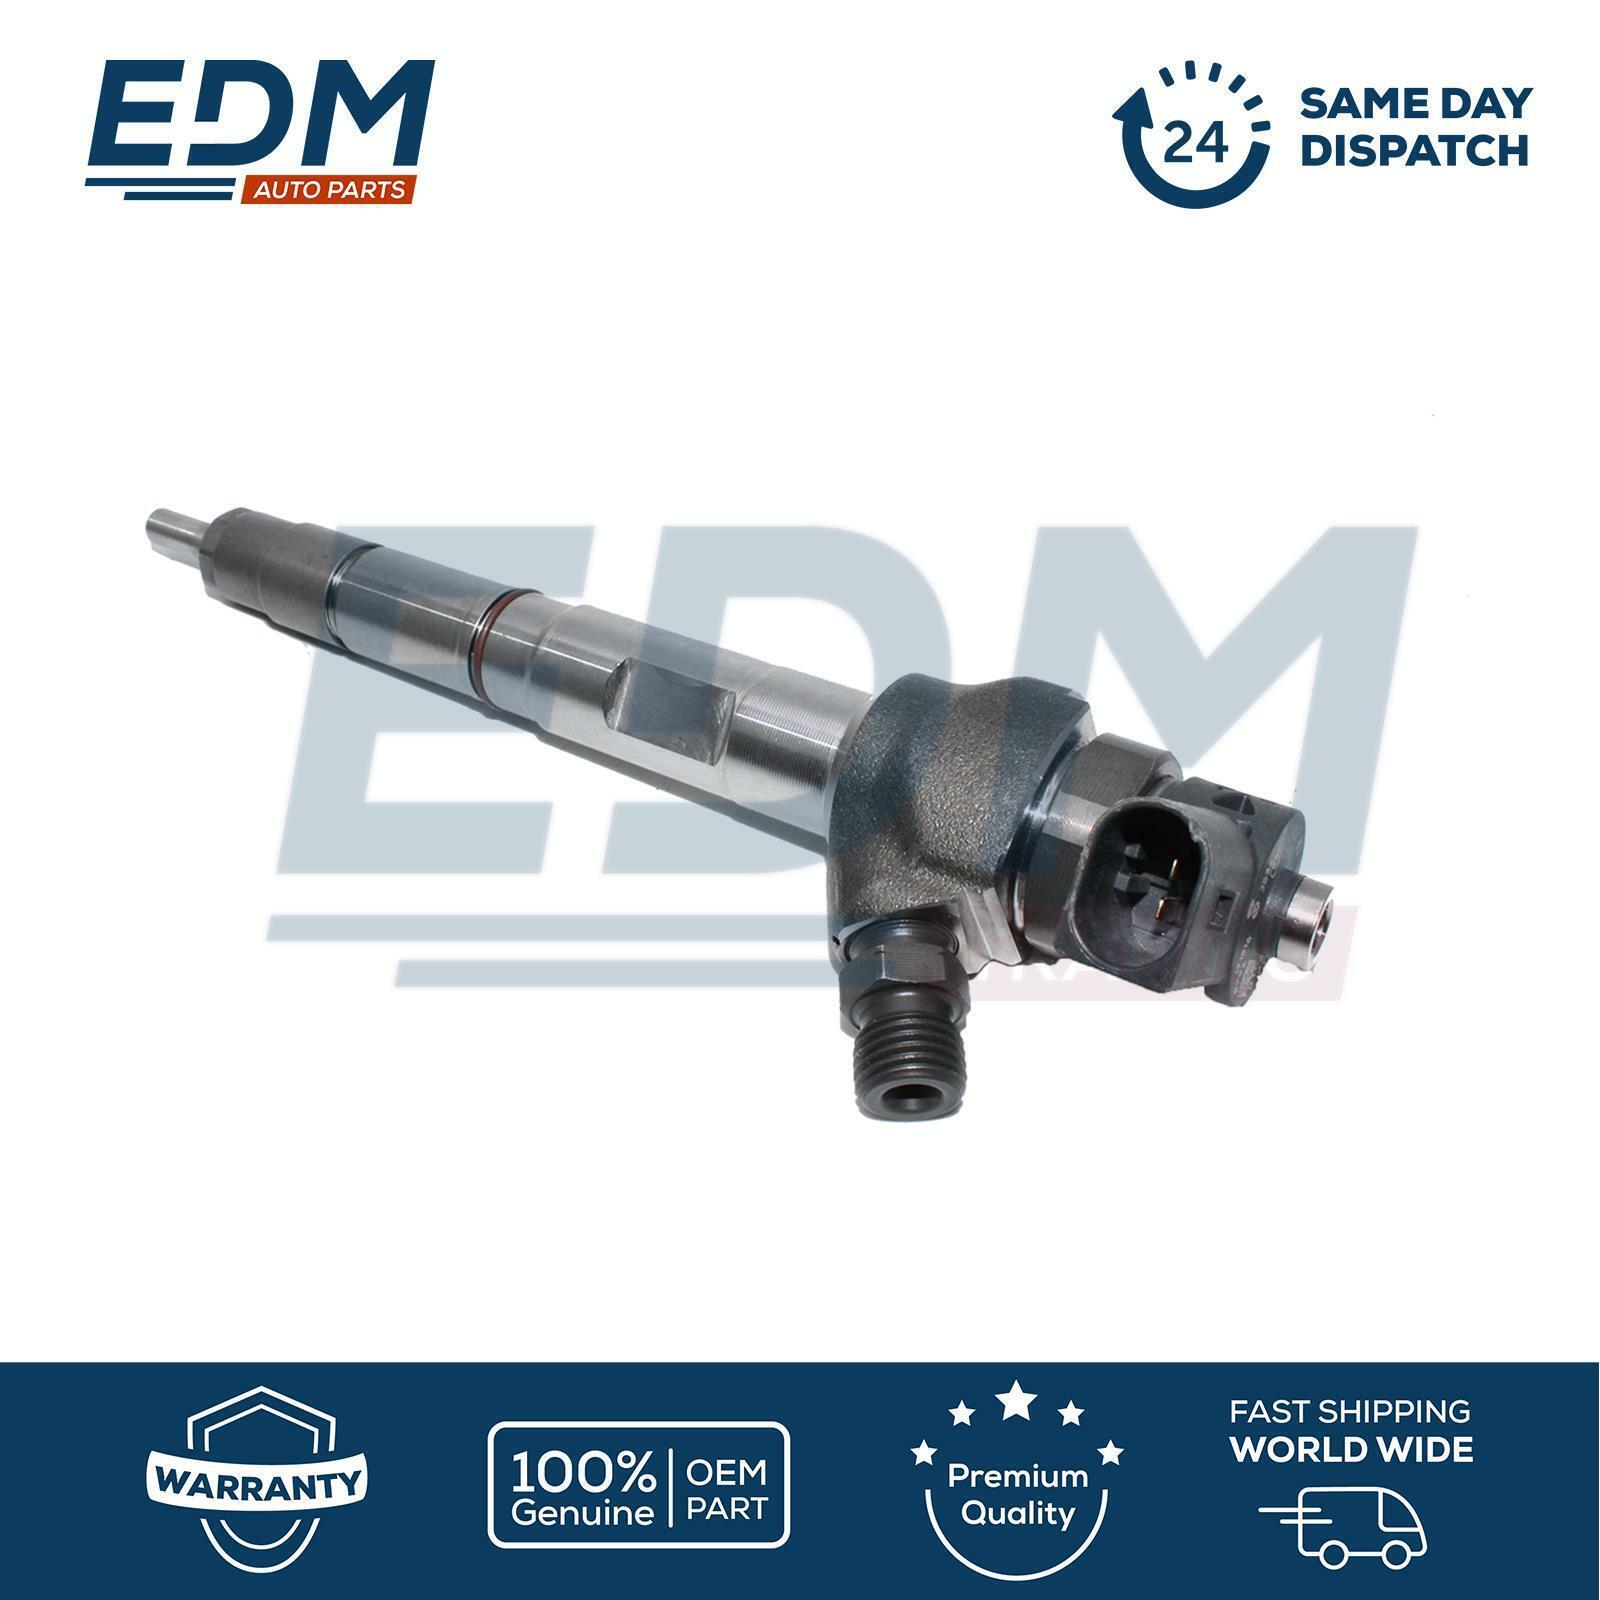 Brand NEW Bosch Fuel Injector 0445110646 03L130277Q VW Audi Skoda 2.0 TDI